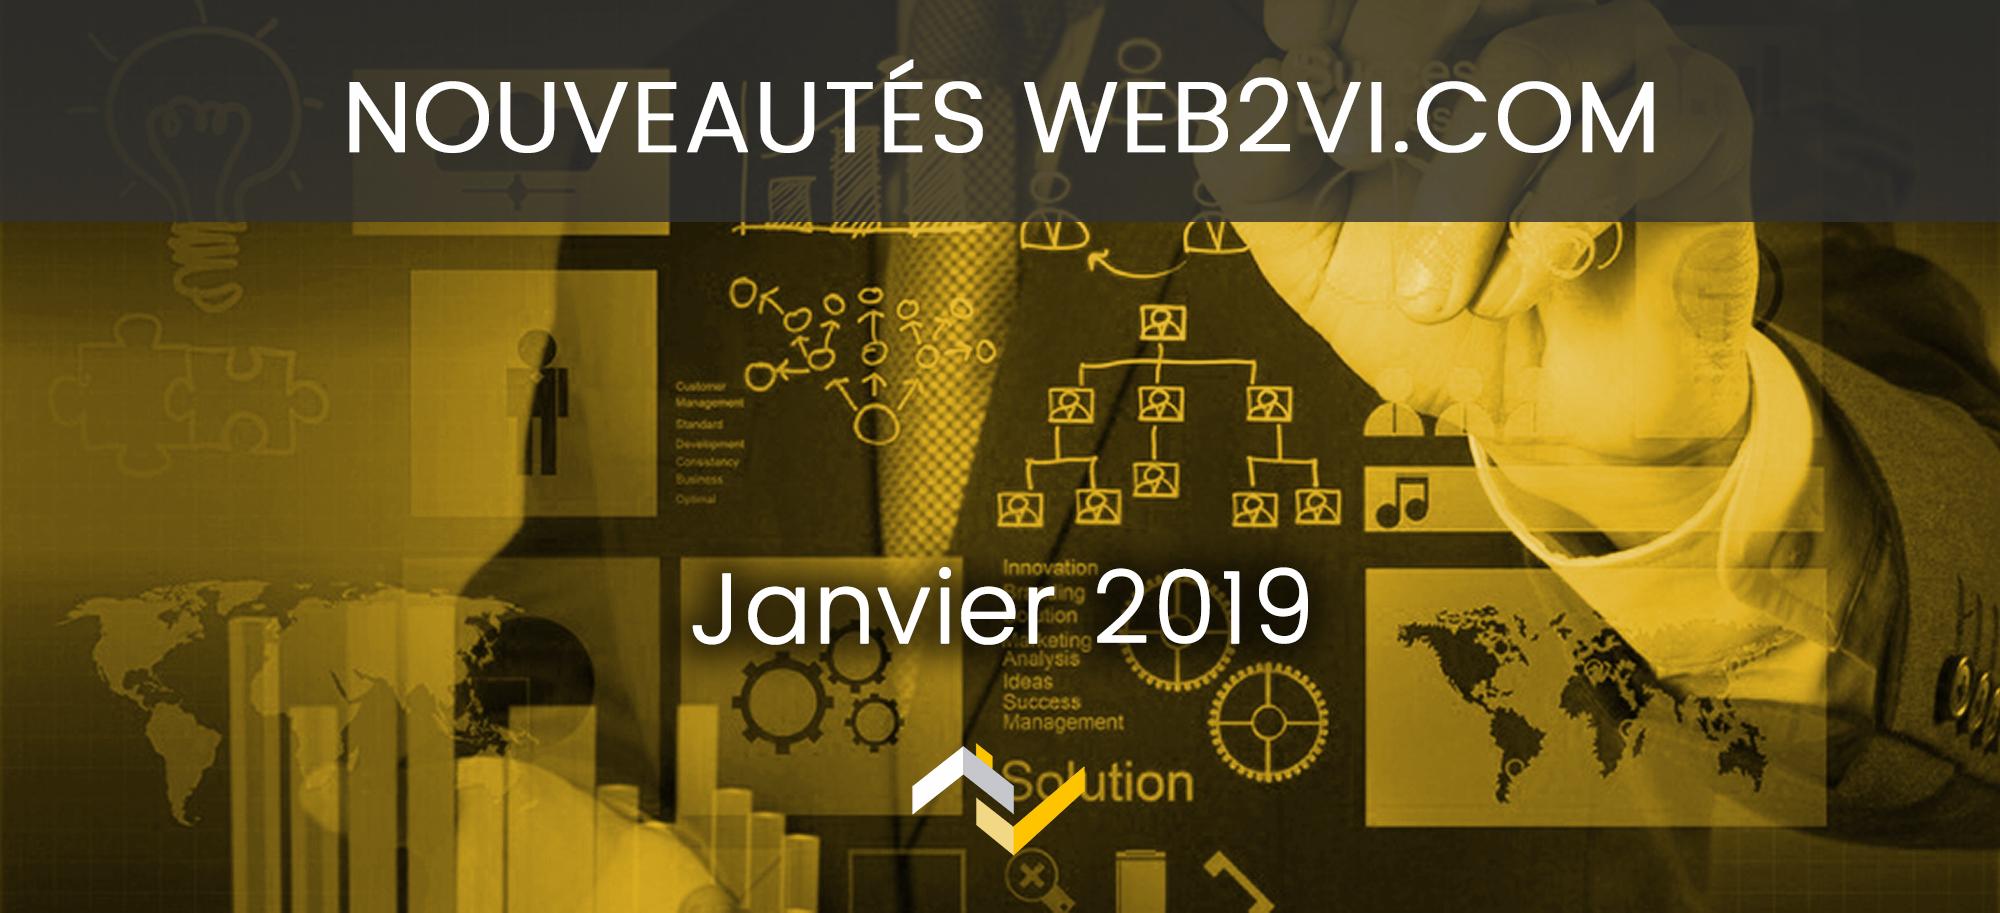 Les nouveautés de la plateforme Web2vi.com - Janvier 2019